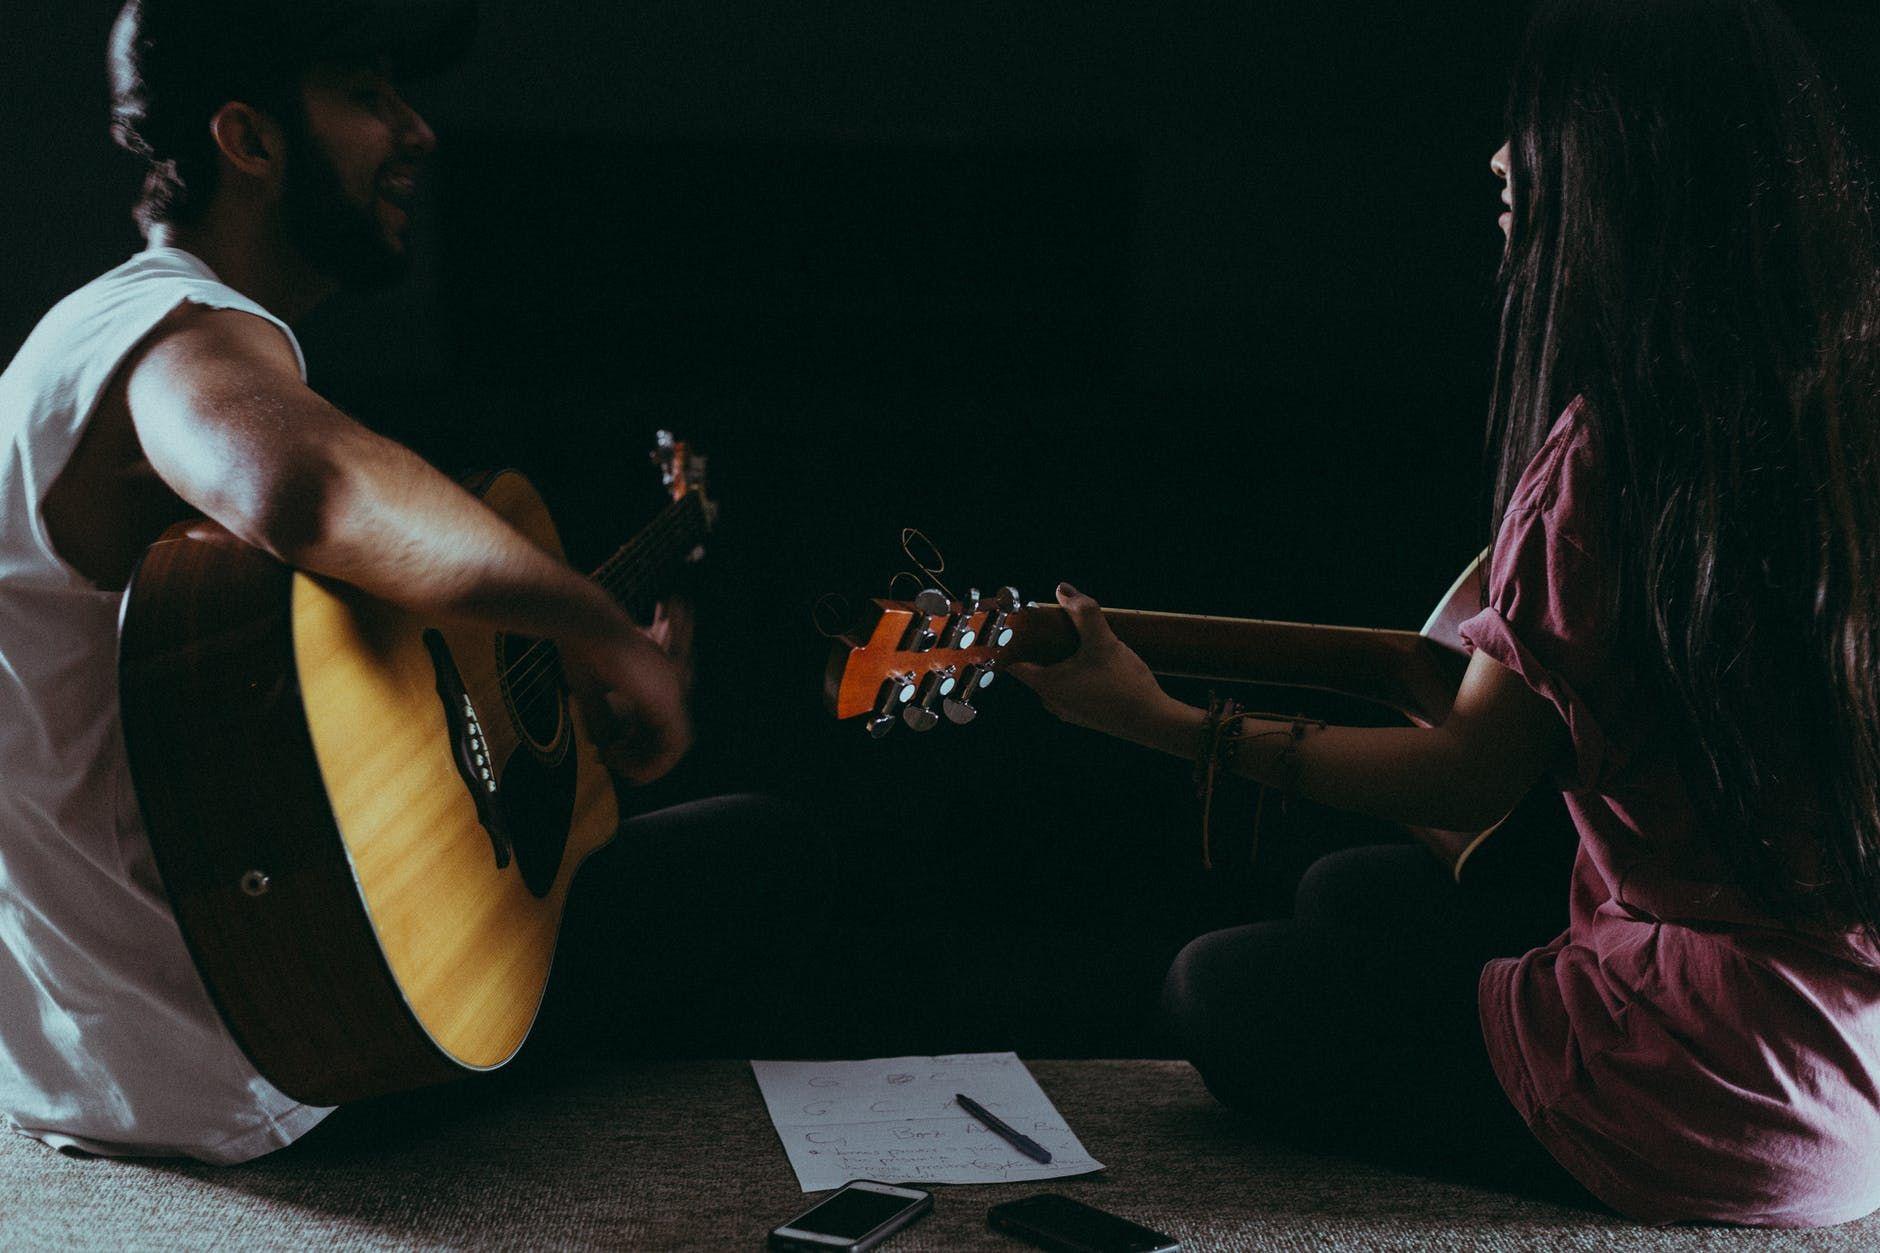 Aulas de violão sempre salvam a vida financeira de uma músico independente